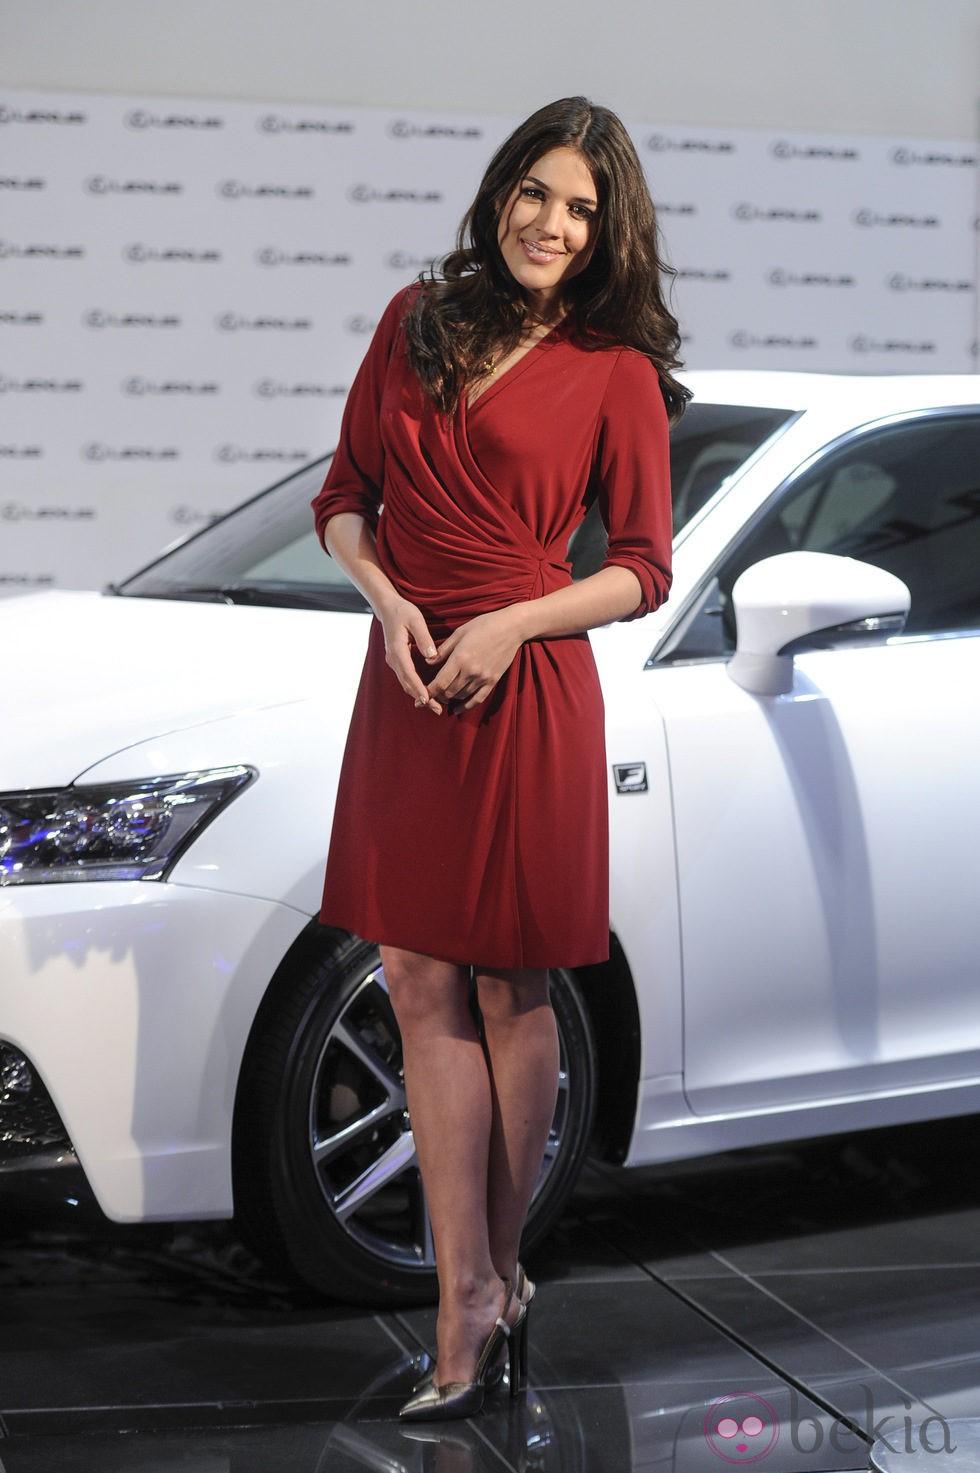 Adriana Ugarte en la presentación de un nuevo modelo de coche